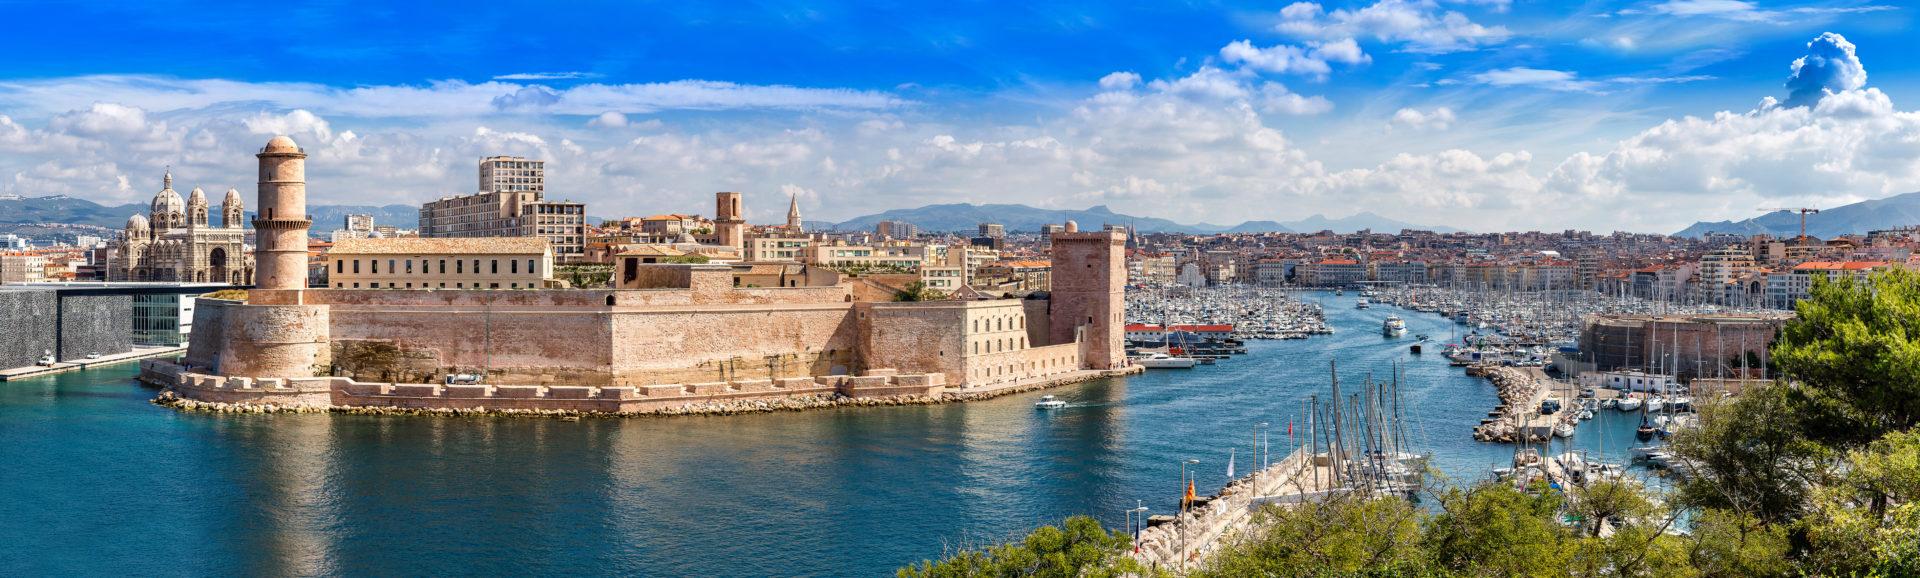 Photo du vieux-port de Marseille